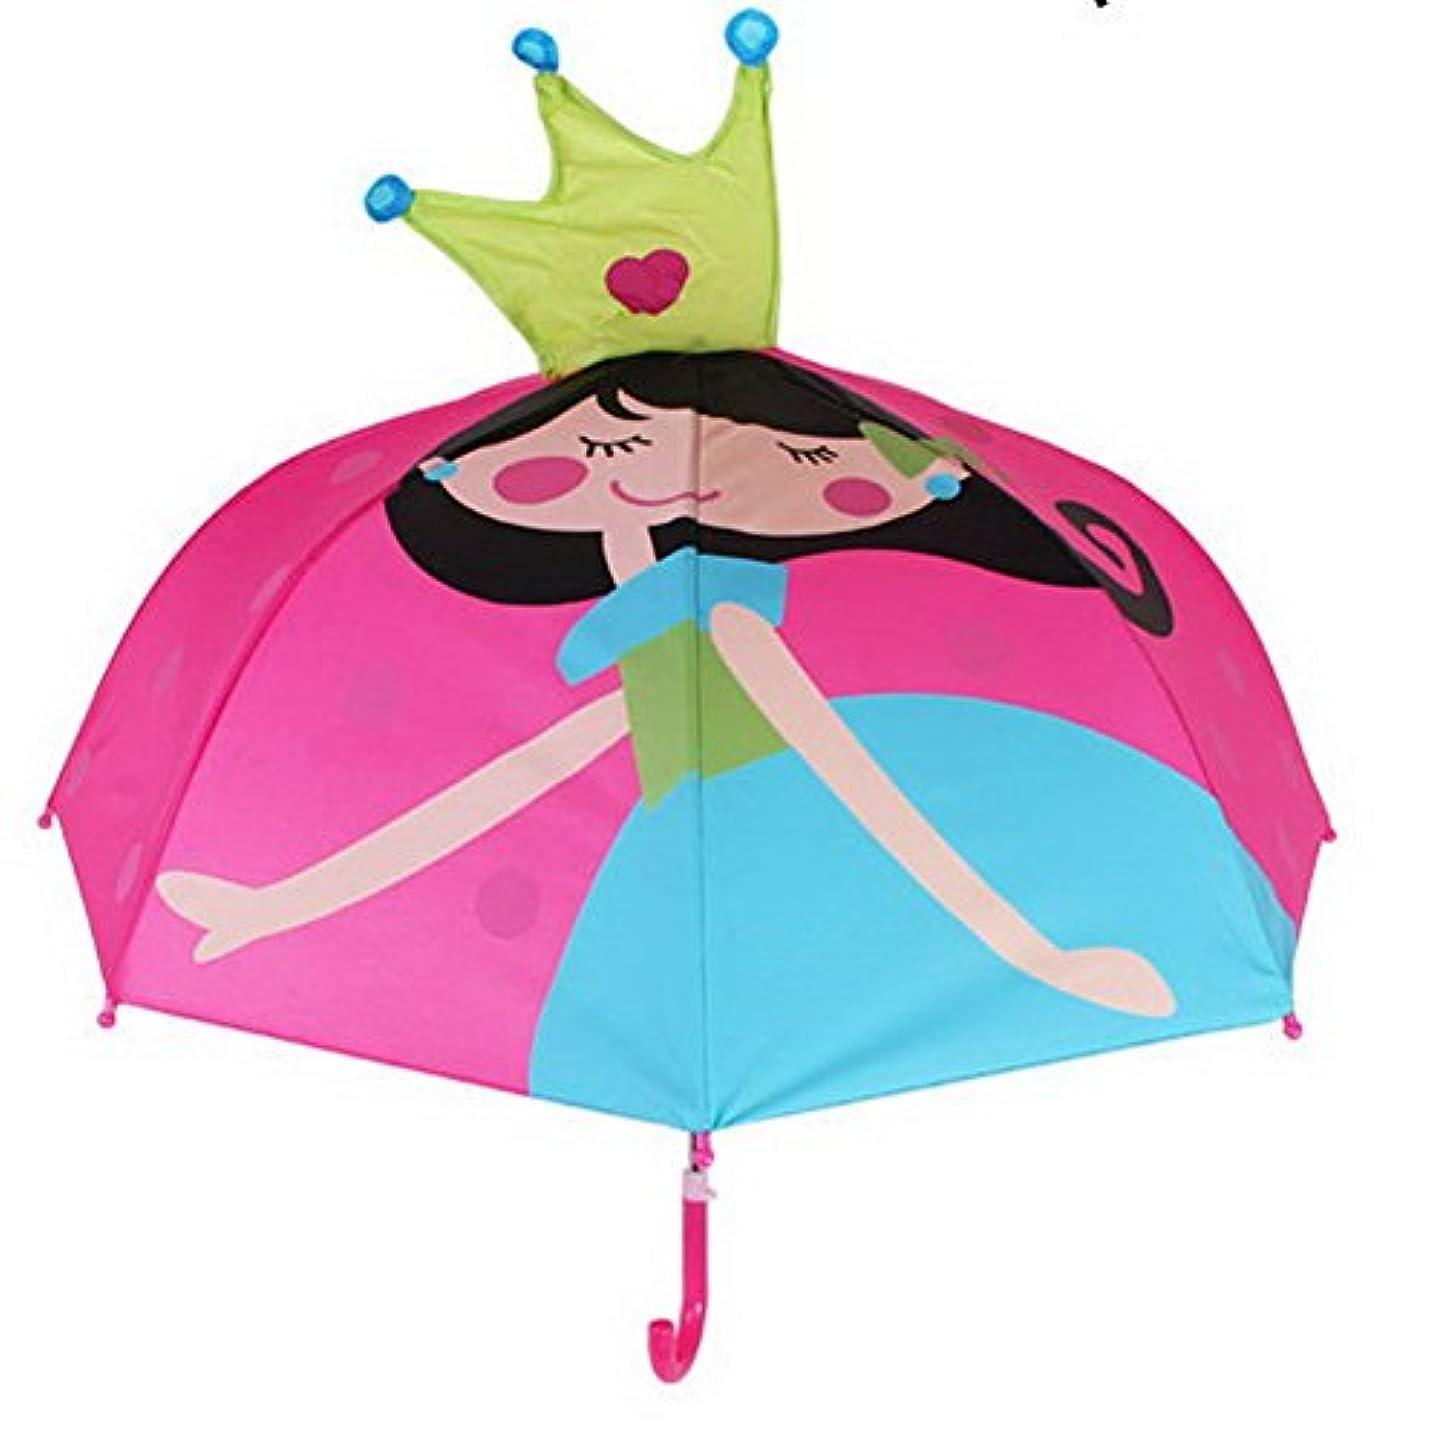 ラオス人急いで反対かわいいクリエイティブな漫画の子供の傘、クラウンと少女